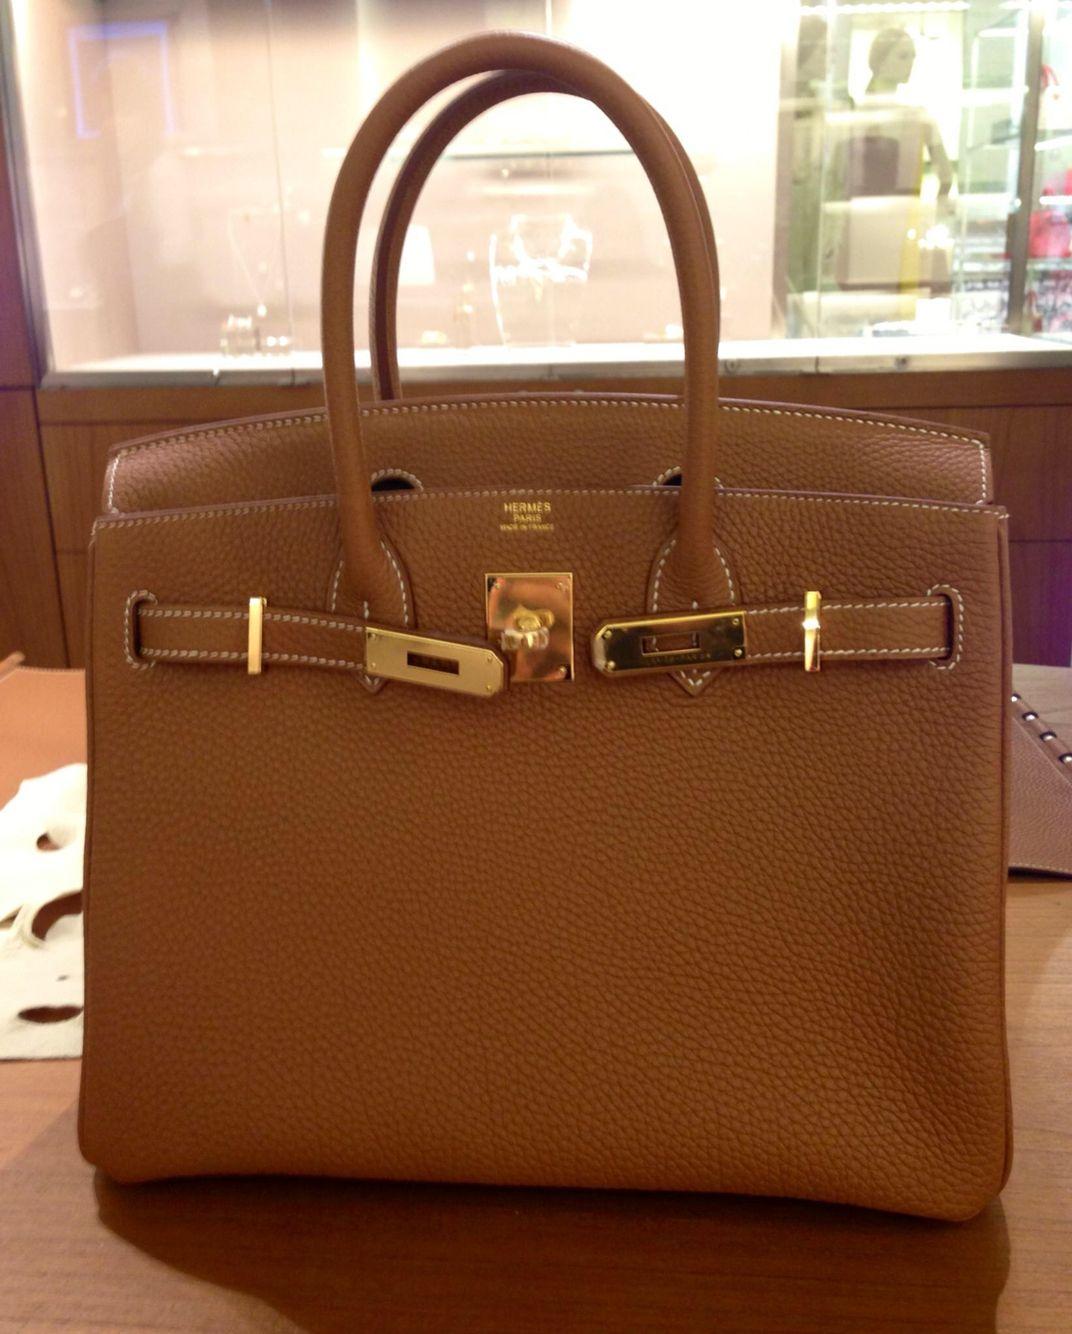 Hermès Birkin 30 Gold Togo Bag   Fashion   Hermes birkin, Hermes, Birkin 929d28cbc4